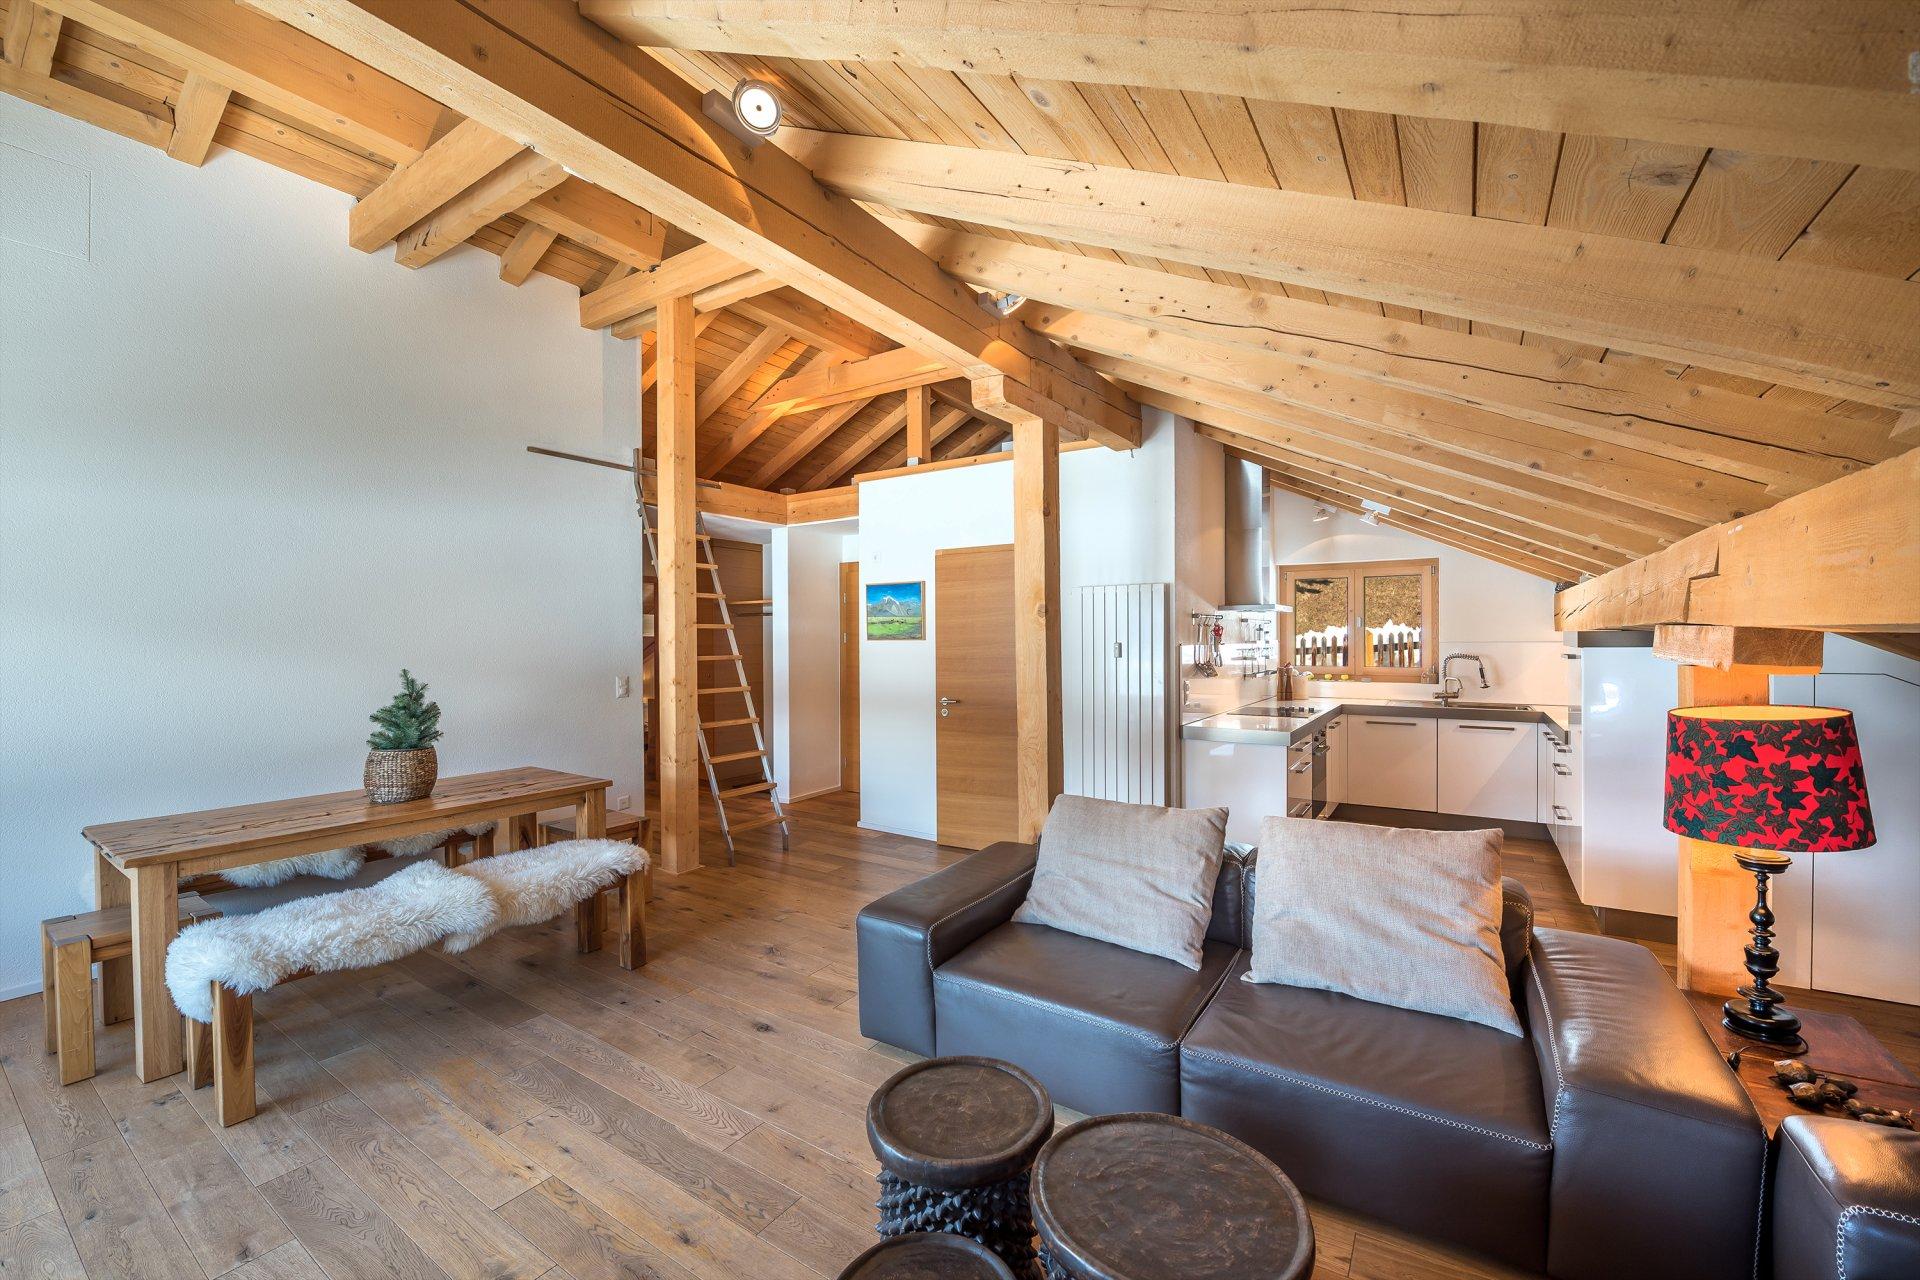 Verkauf Wohnung - Zuoz - Schweiz